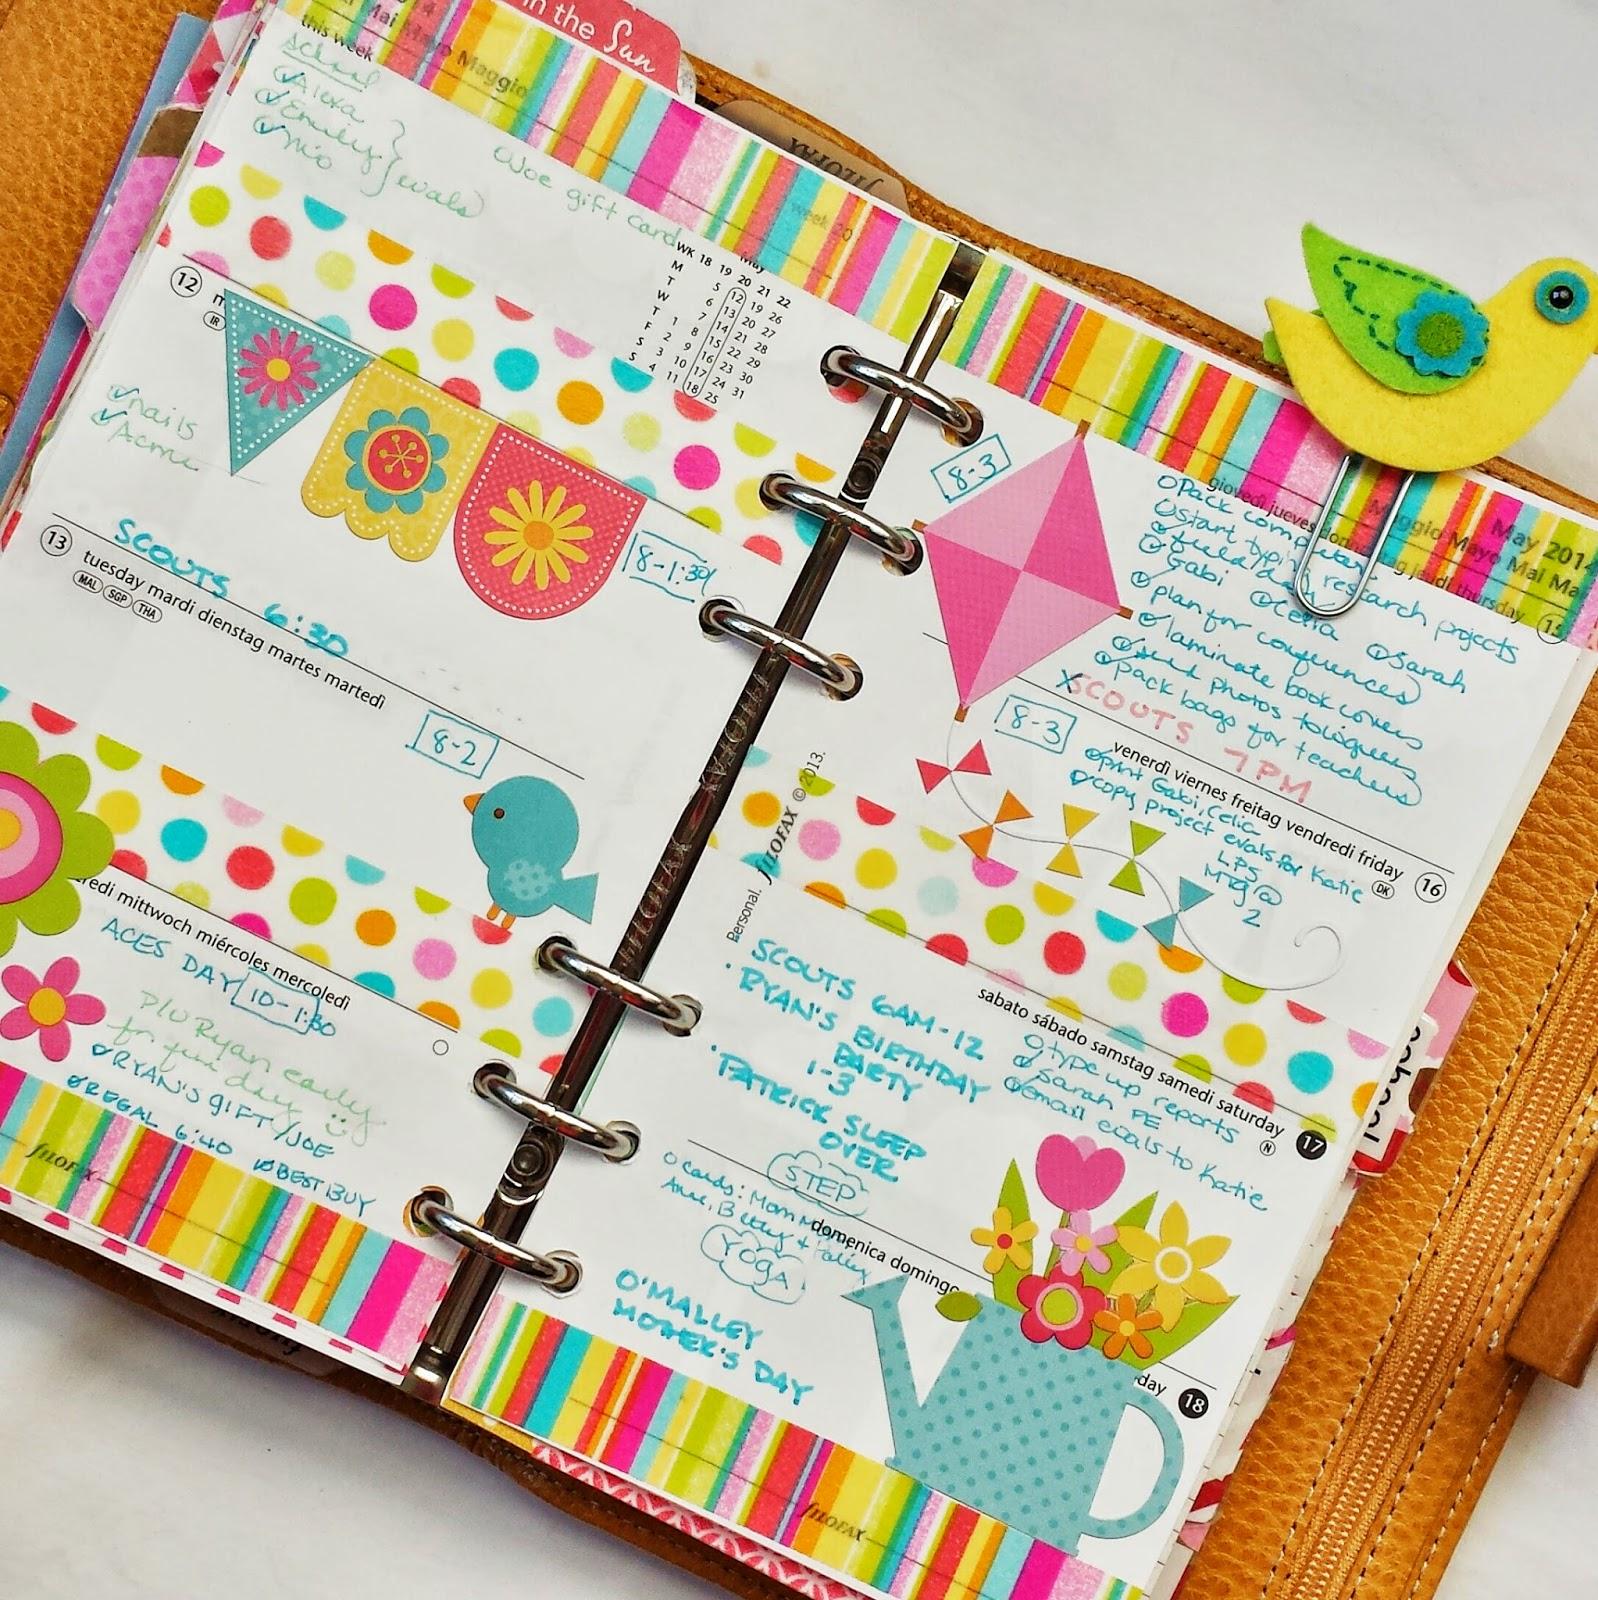 Лд личный дневник идеи для личного дневника 81